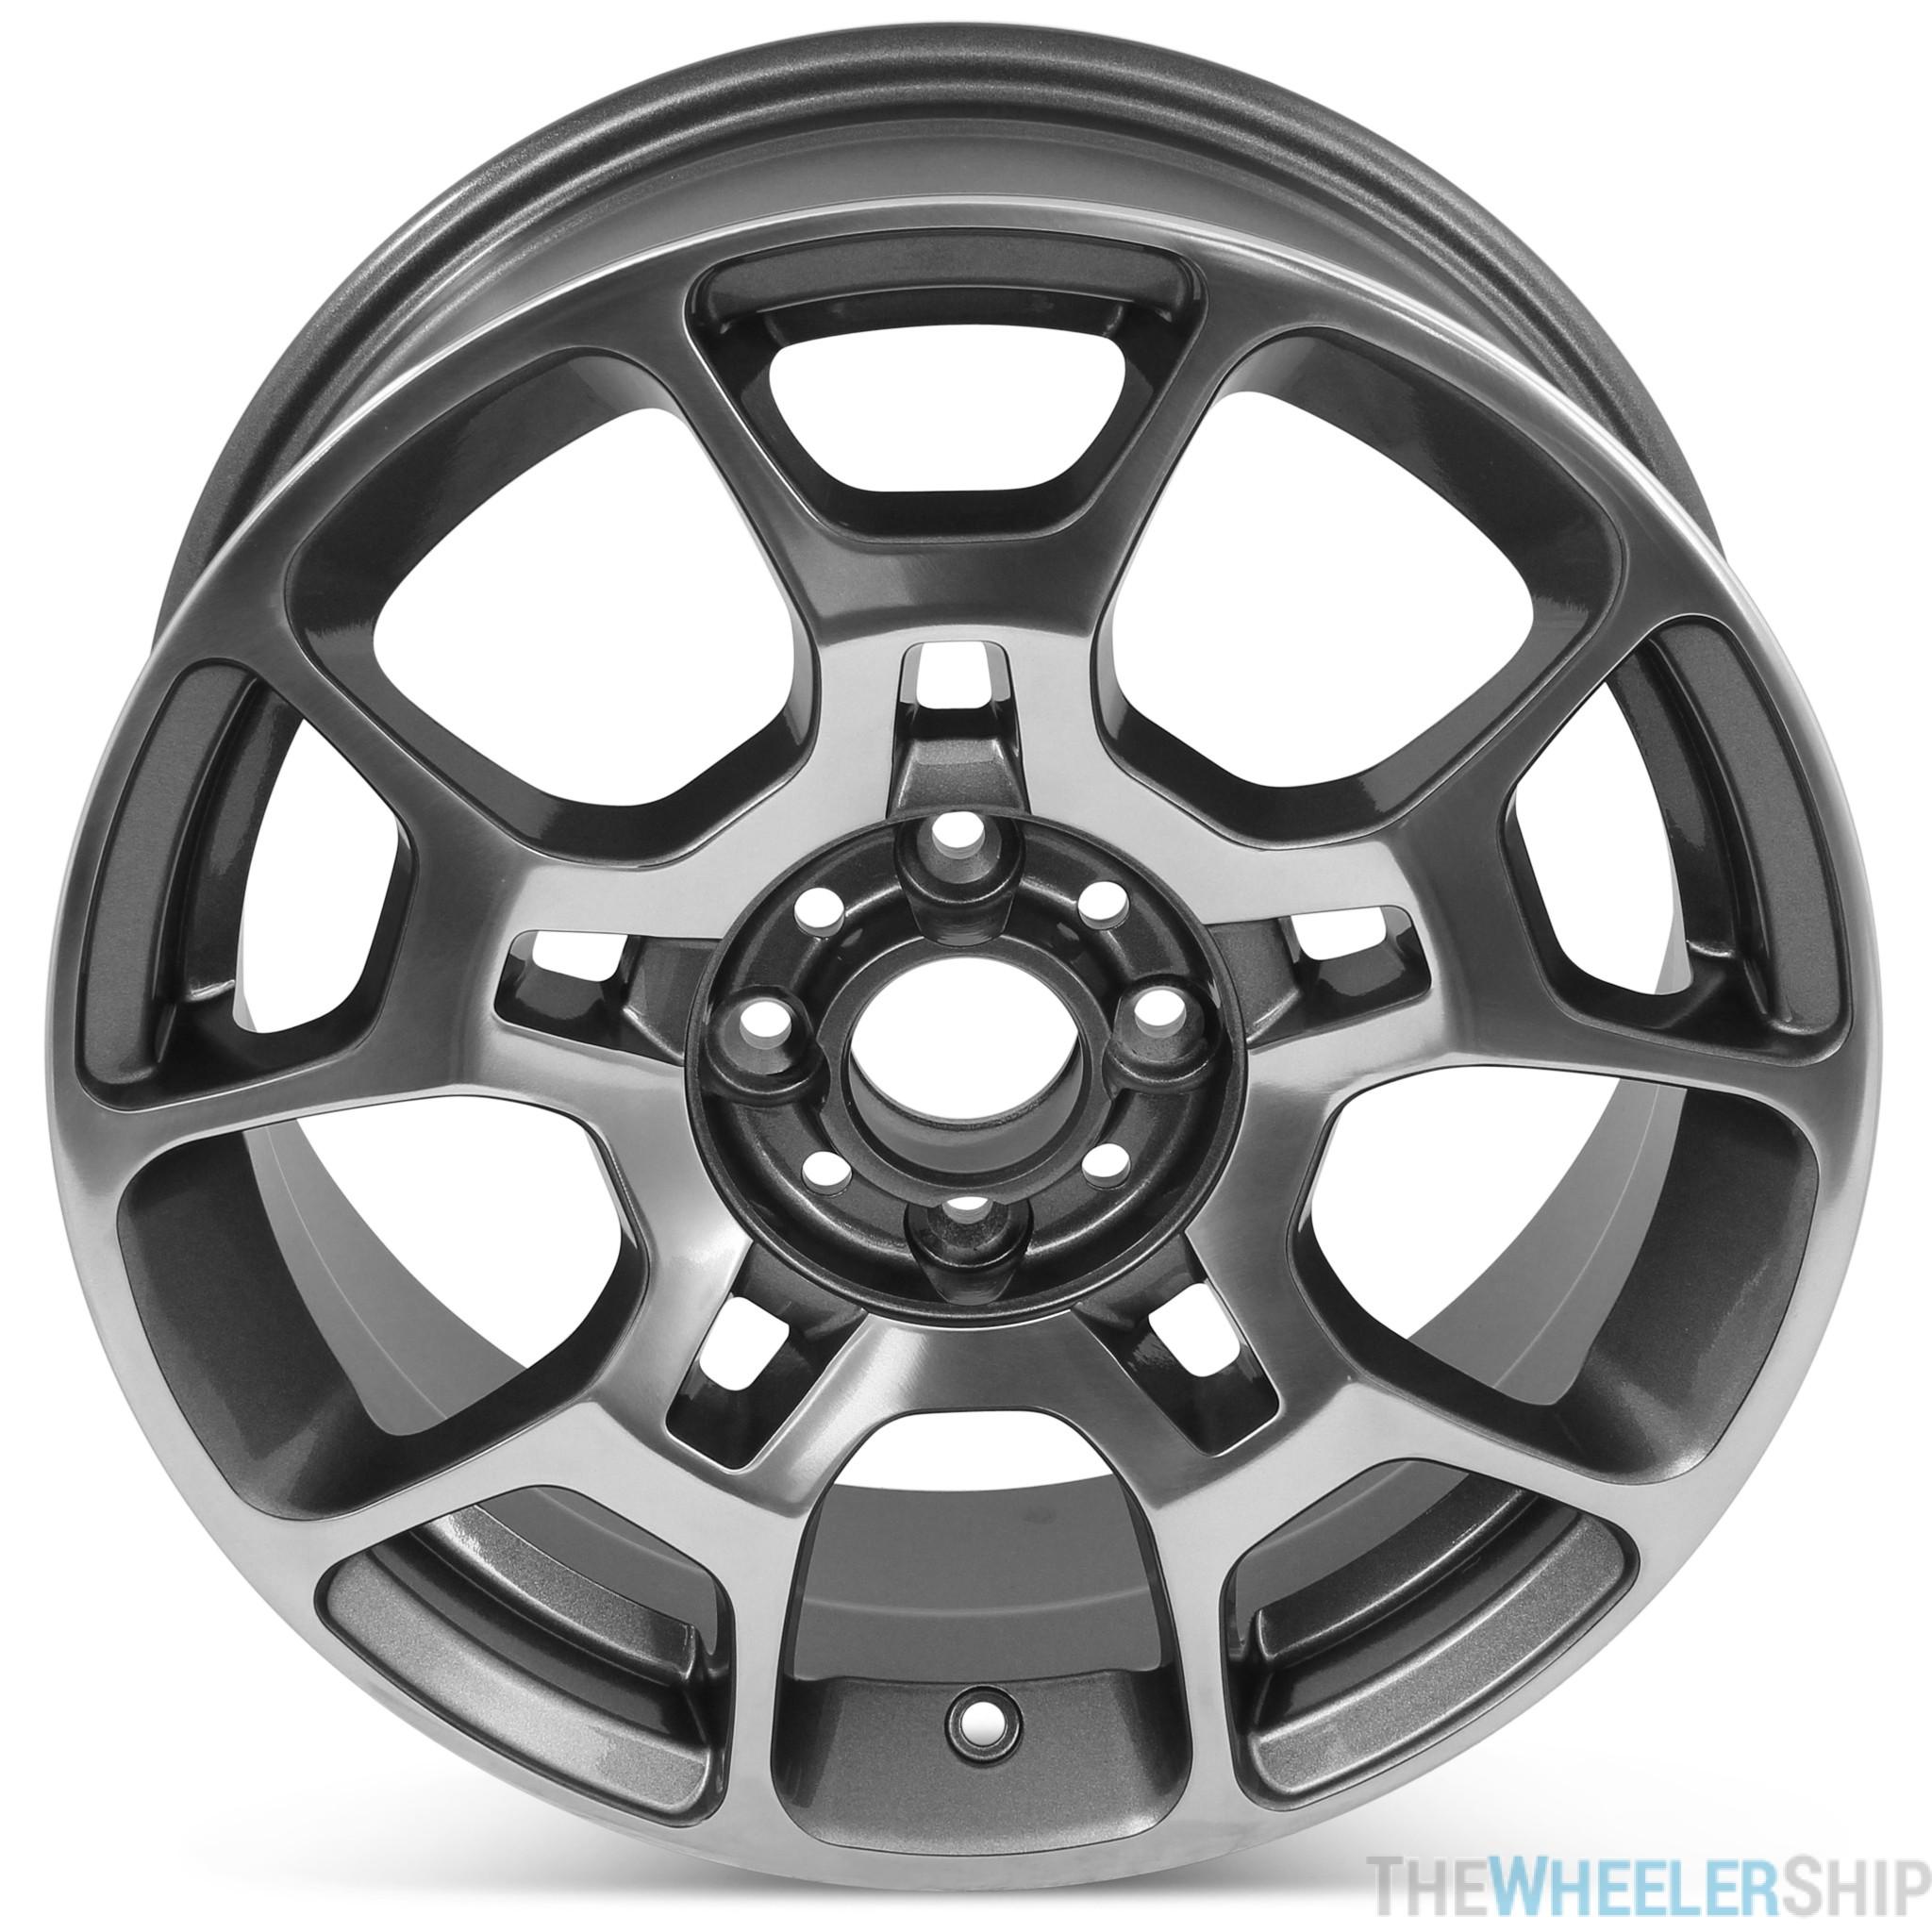 """2012 2013 2014 2015 Fiat 500 Alternator 1 4l 2 Door Oem: New 16"""" Alloy Replacement Wheel For Fiat 500 2012 2013"""